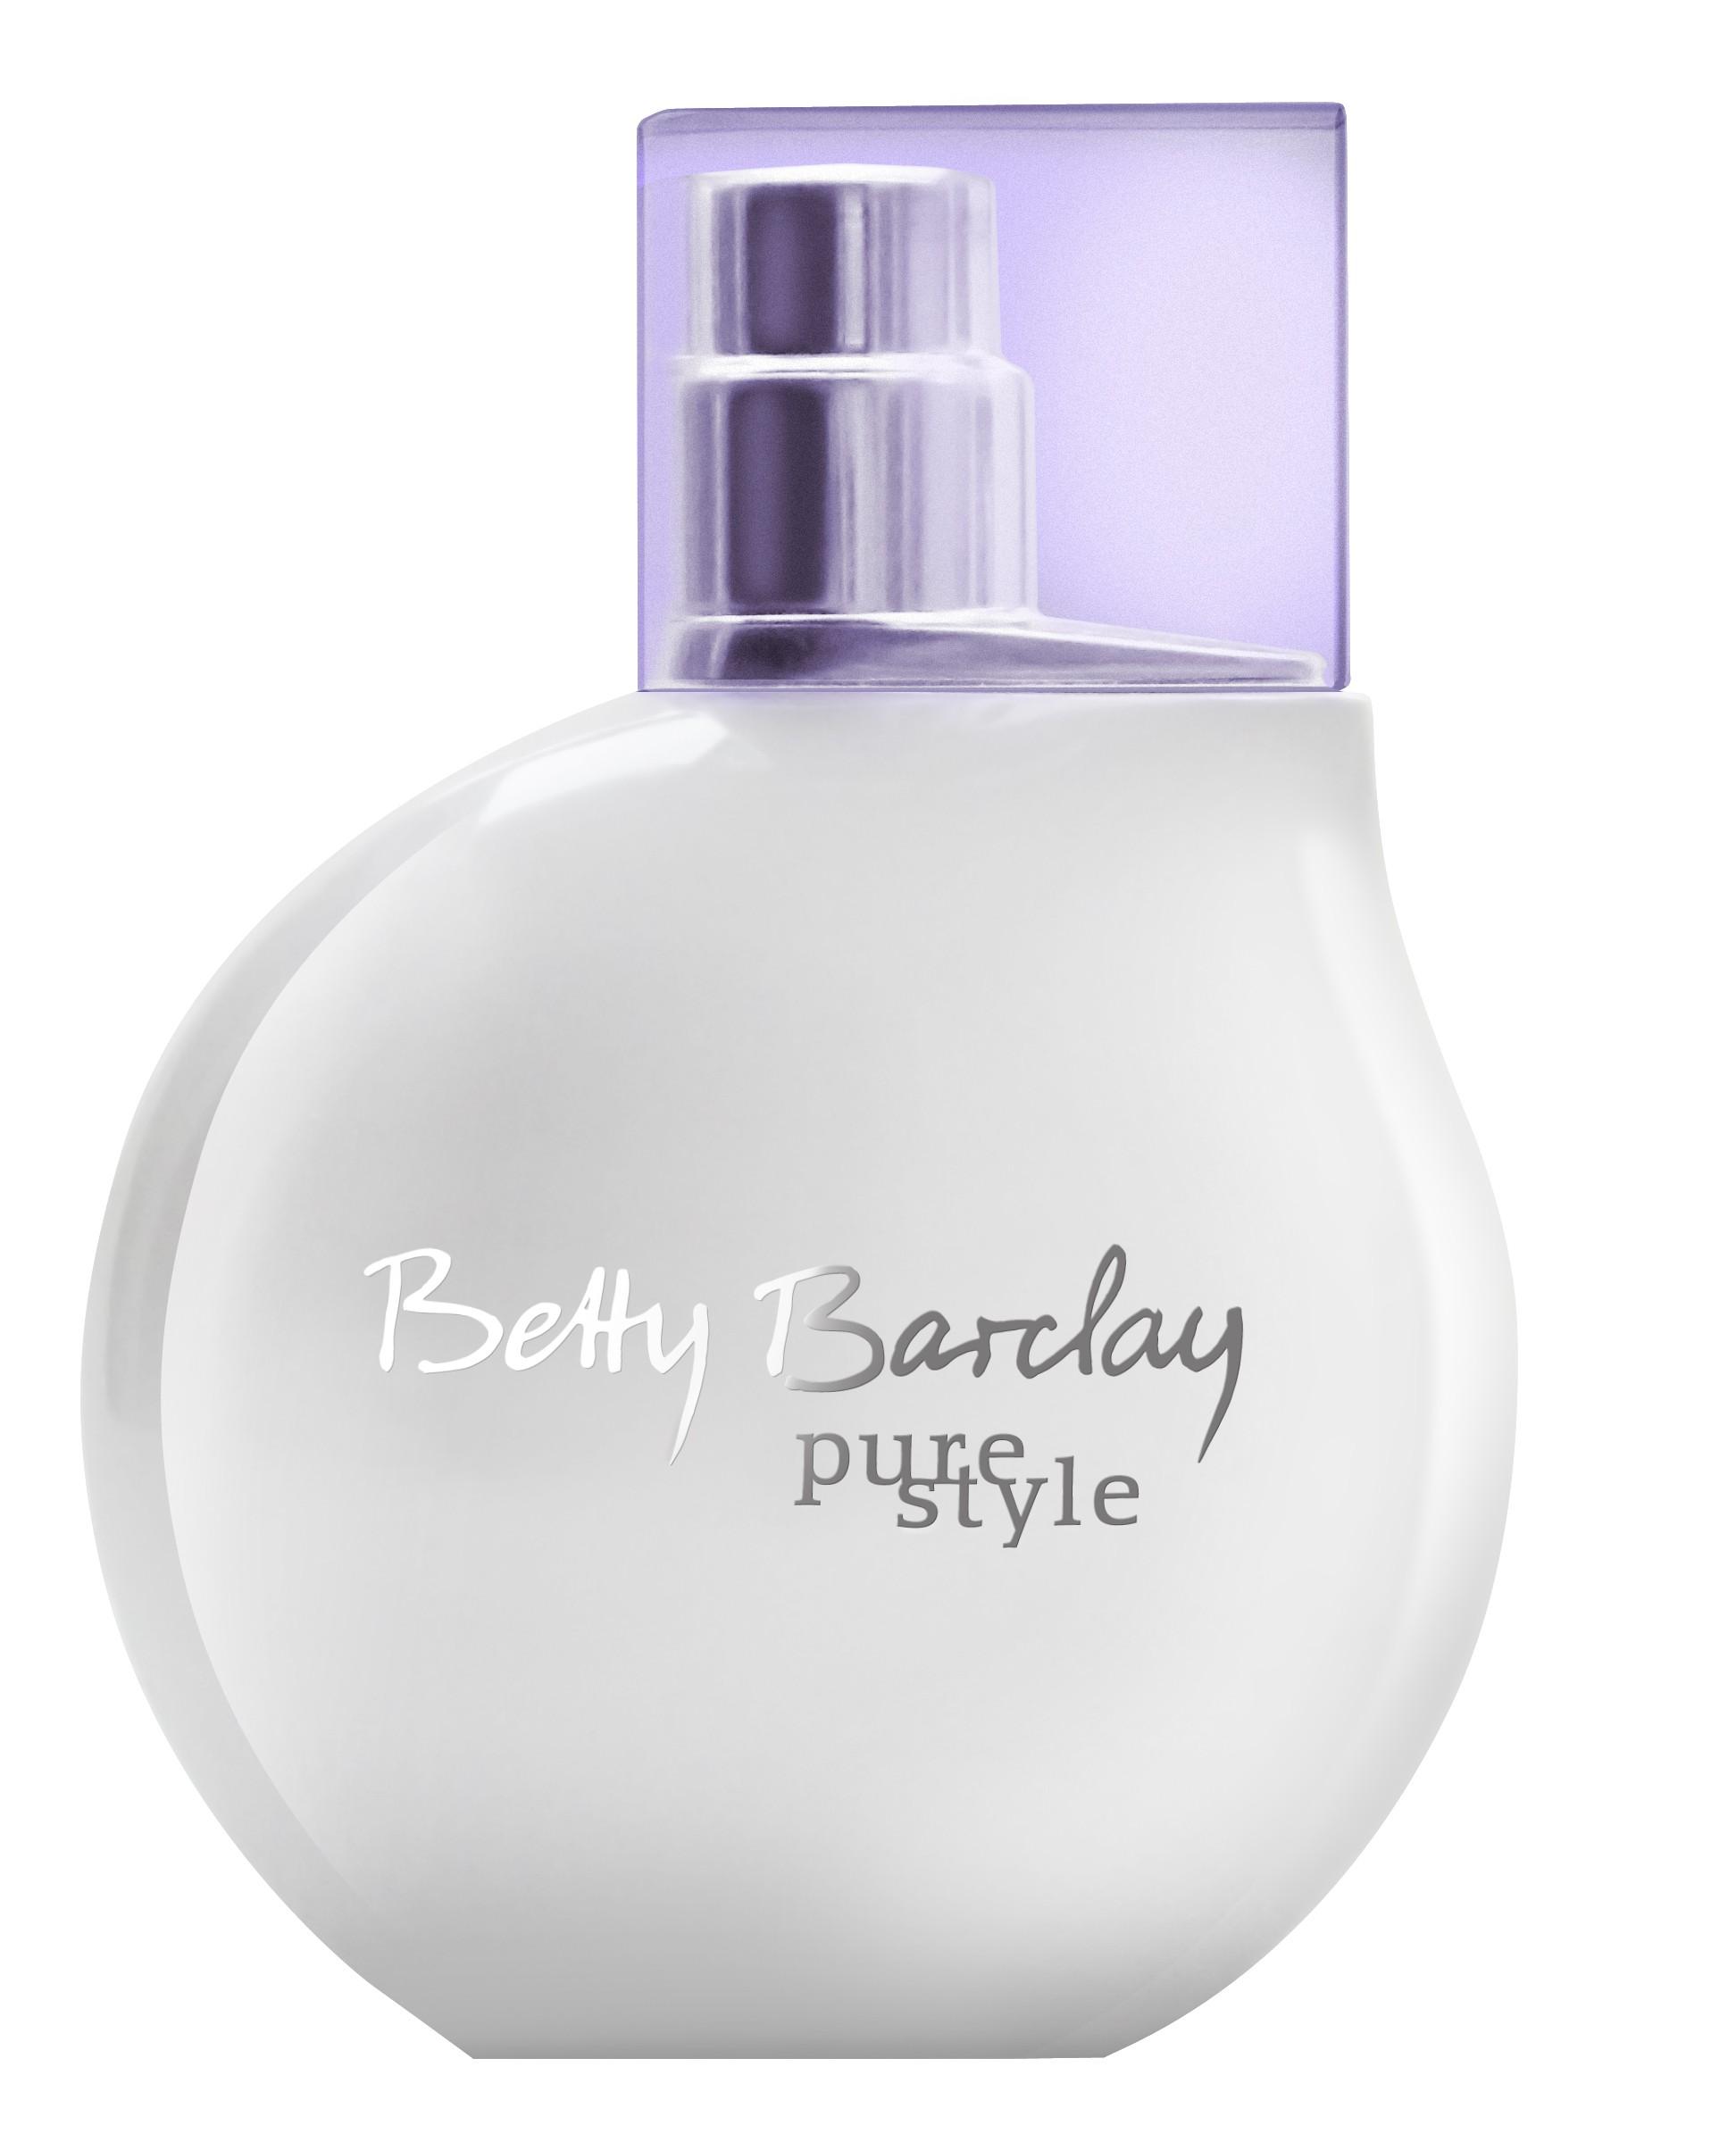 Betty Barclay Pure Style аромат для женщин